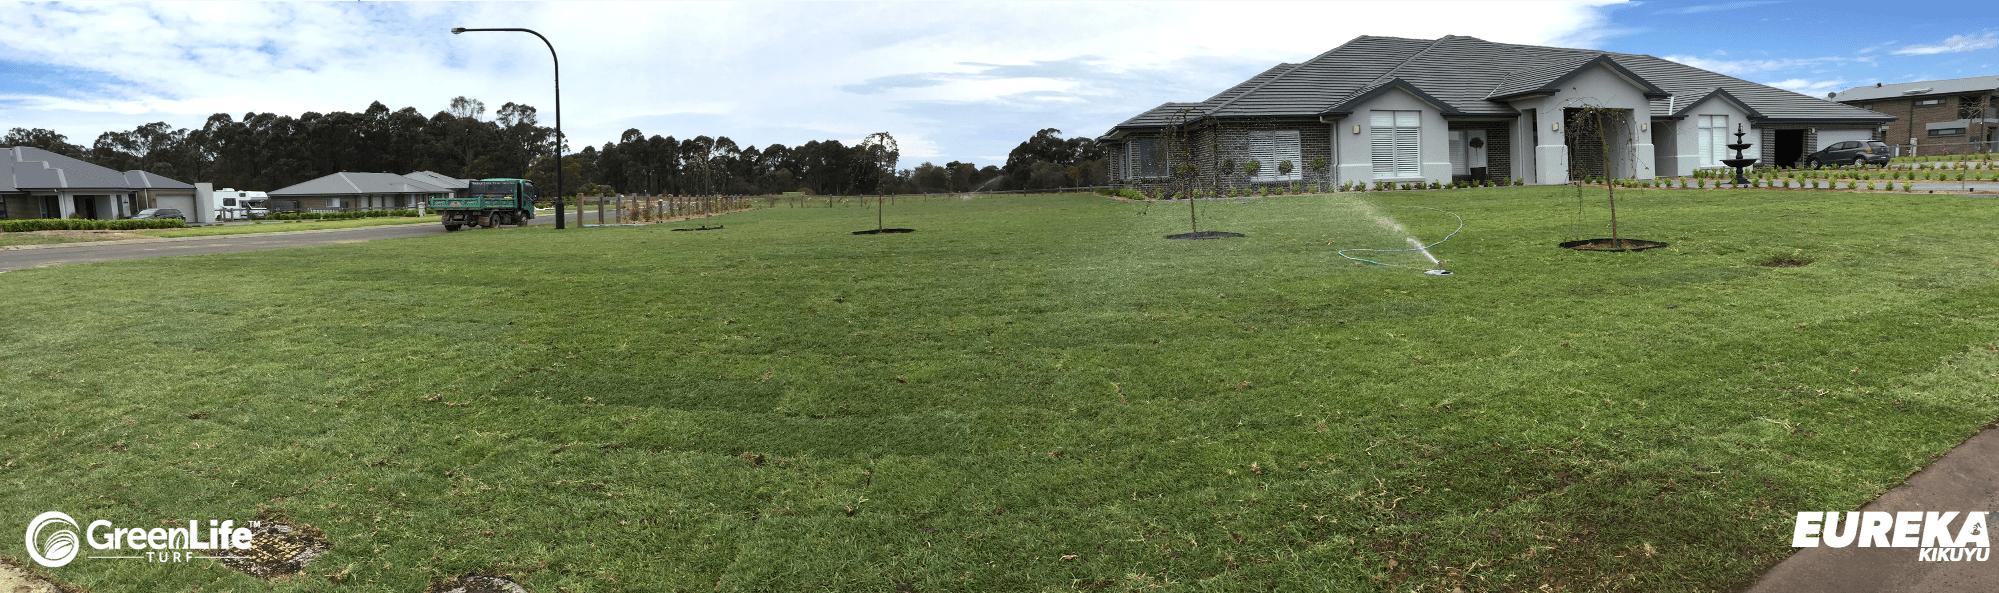 Eureka Kikuyu Grass - a Great Commercial Lawn - Turf & Grass Supply & Installation Sydney & NSW